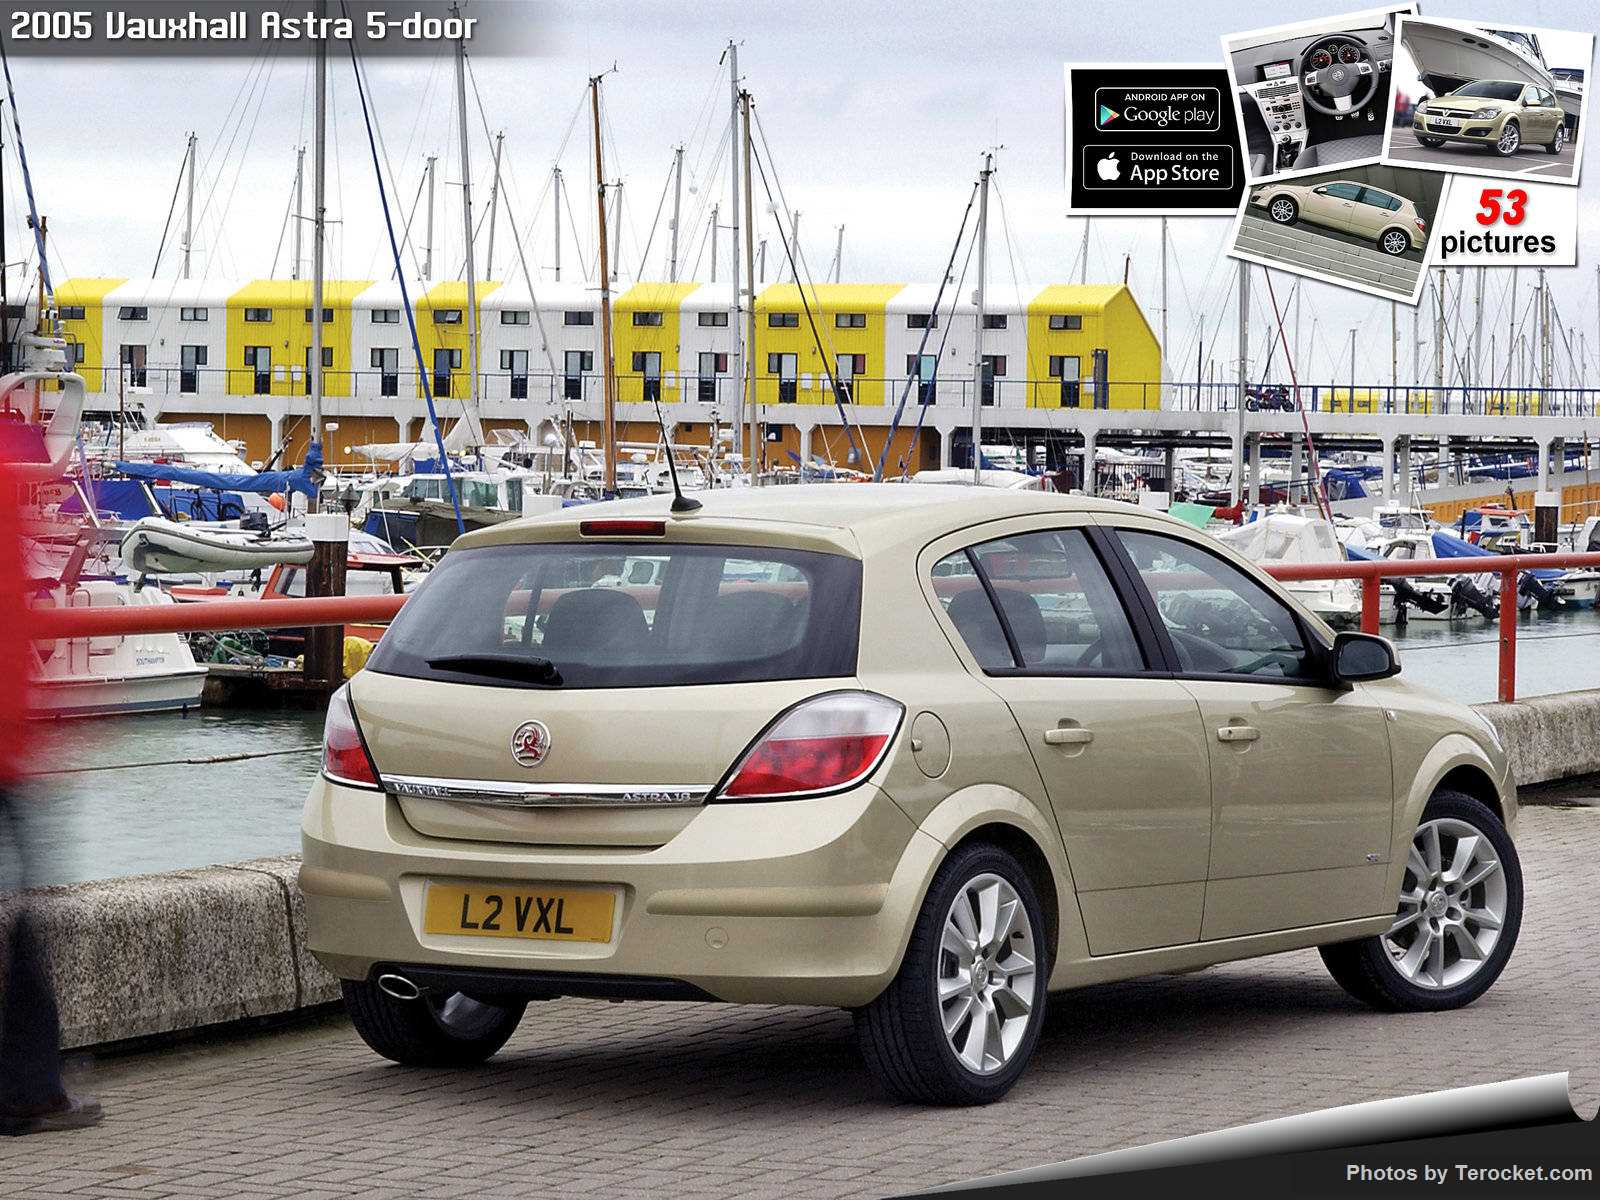 Hình ảnh xe ô tô Vauxhall Astra 5-door 2005 & nội ngoại thất